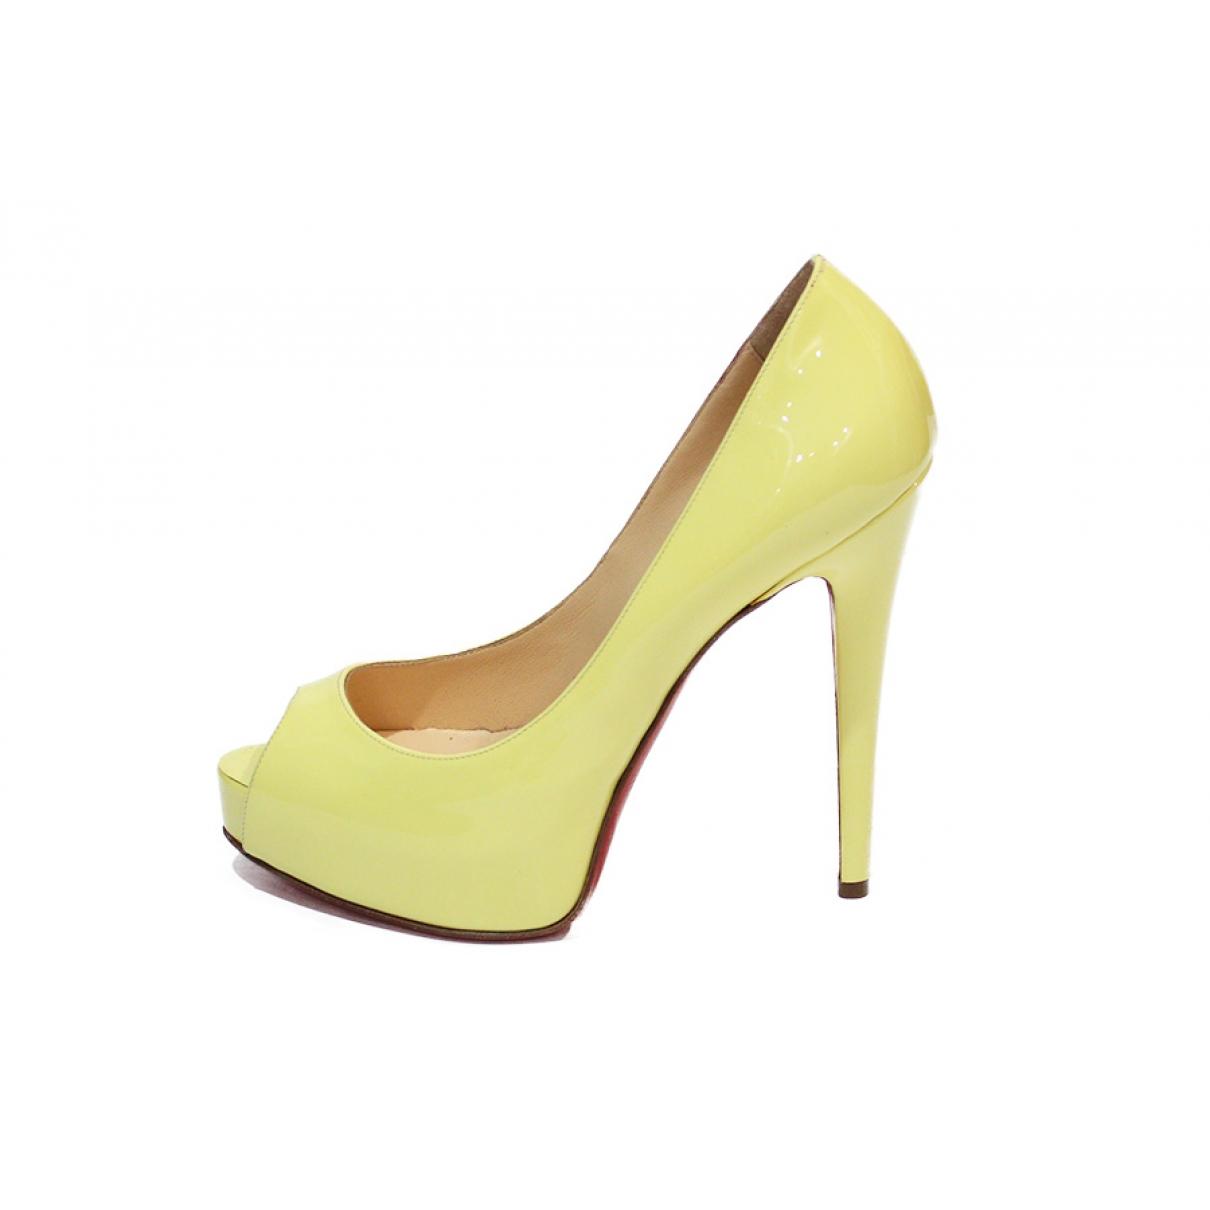 Christian Louboutin - Escarpins Very Prive pour femme en cuir - jaune